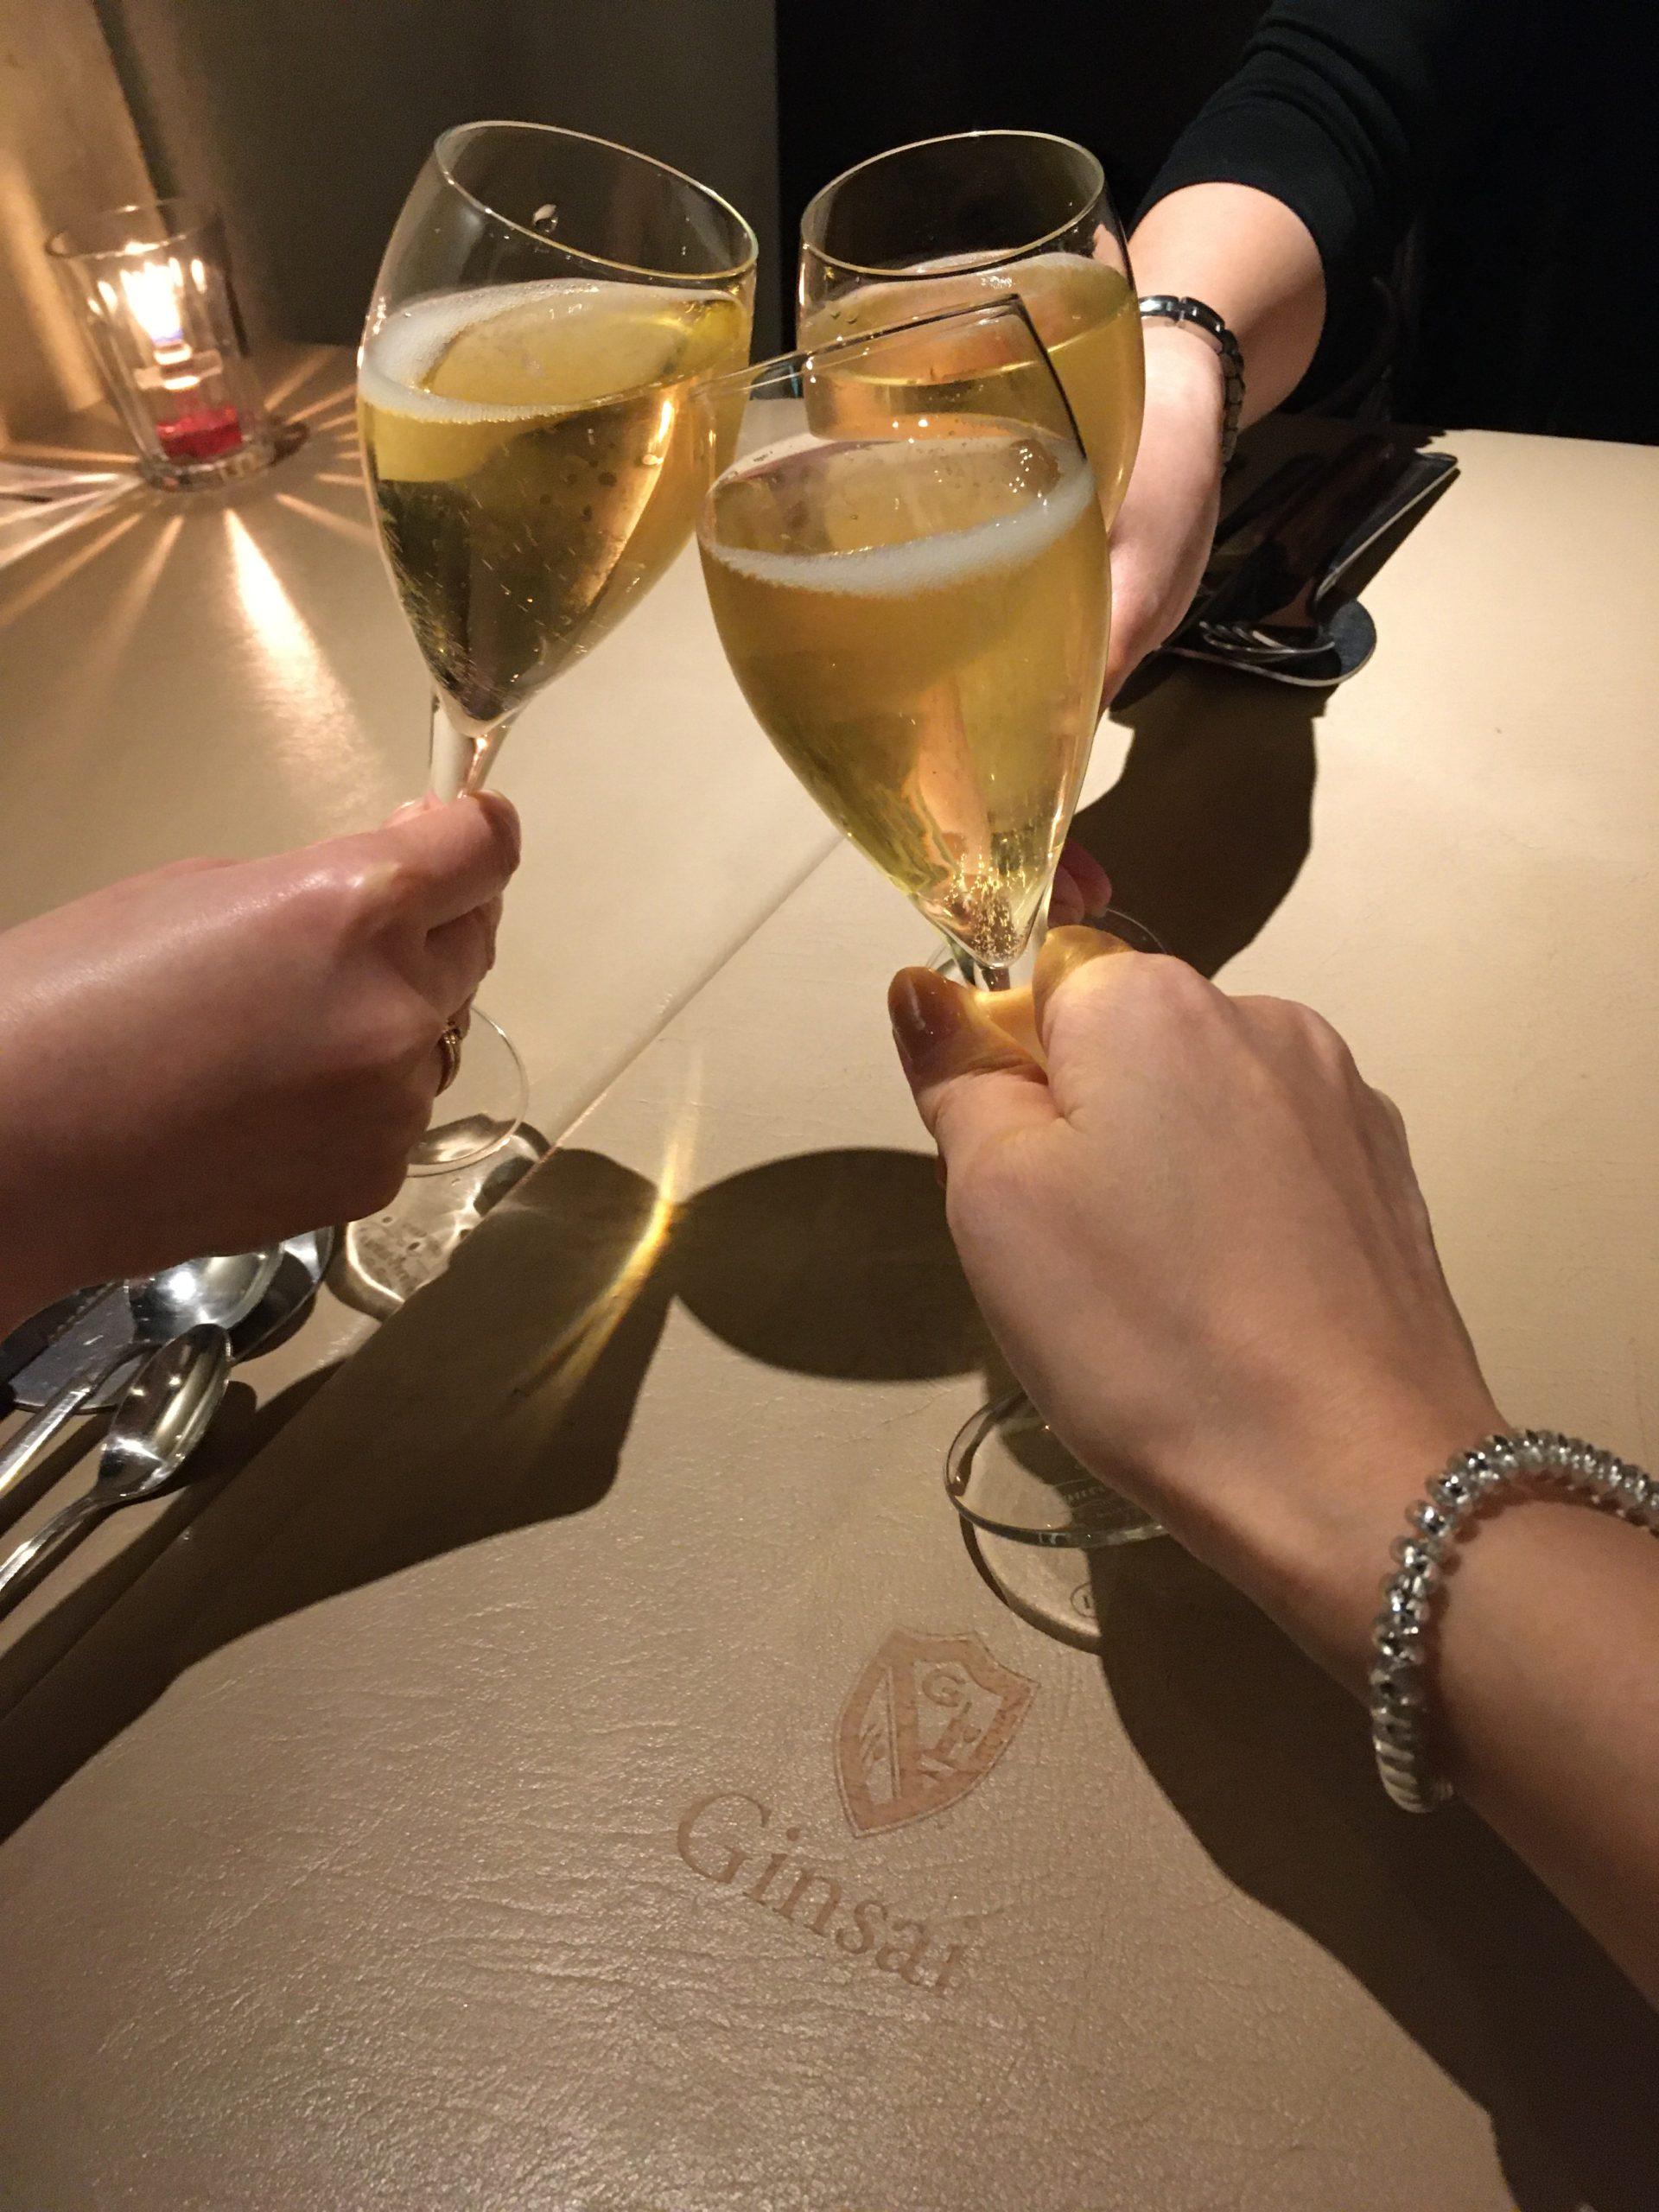 久しぶりの泡会。シャンパンフリーフロー@銀座、コロナに負けるなです。